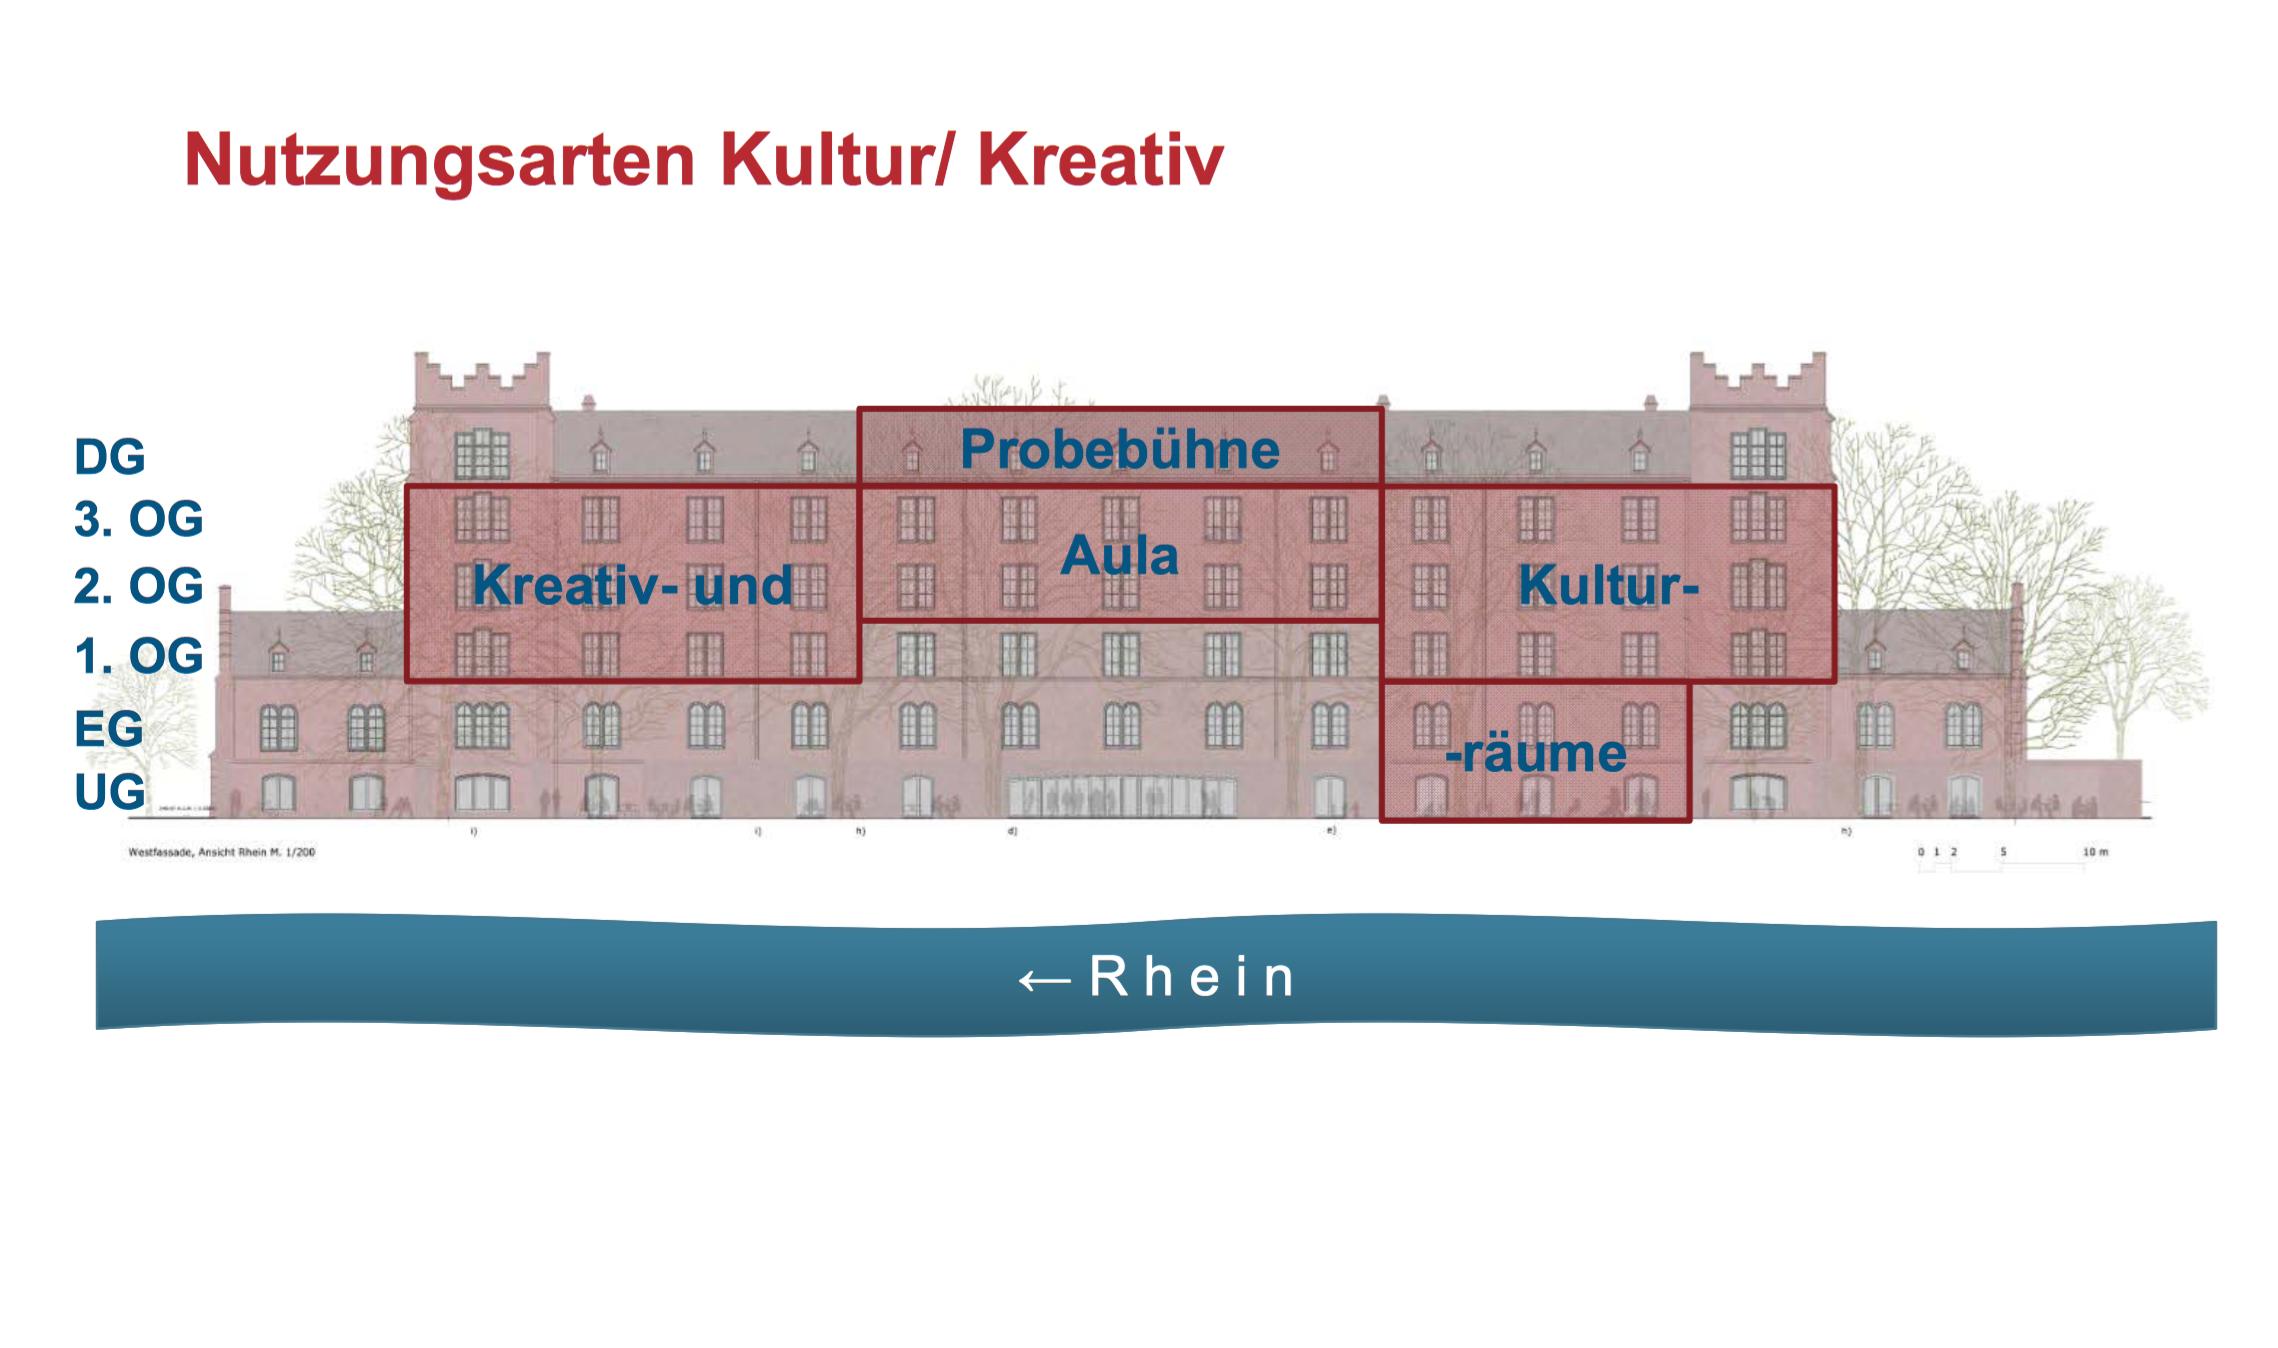 Aus dem Nutzungskonzept: öffentliche Kulturräume im neuen Kasernen-Hauptbau.